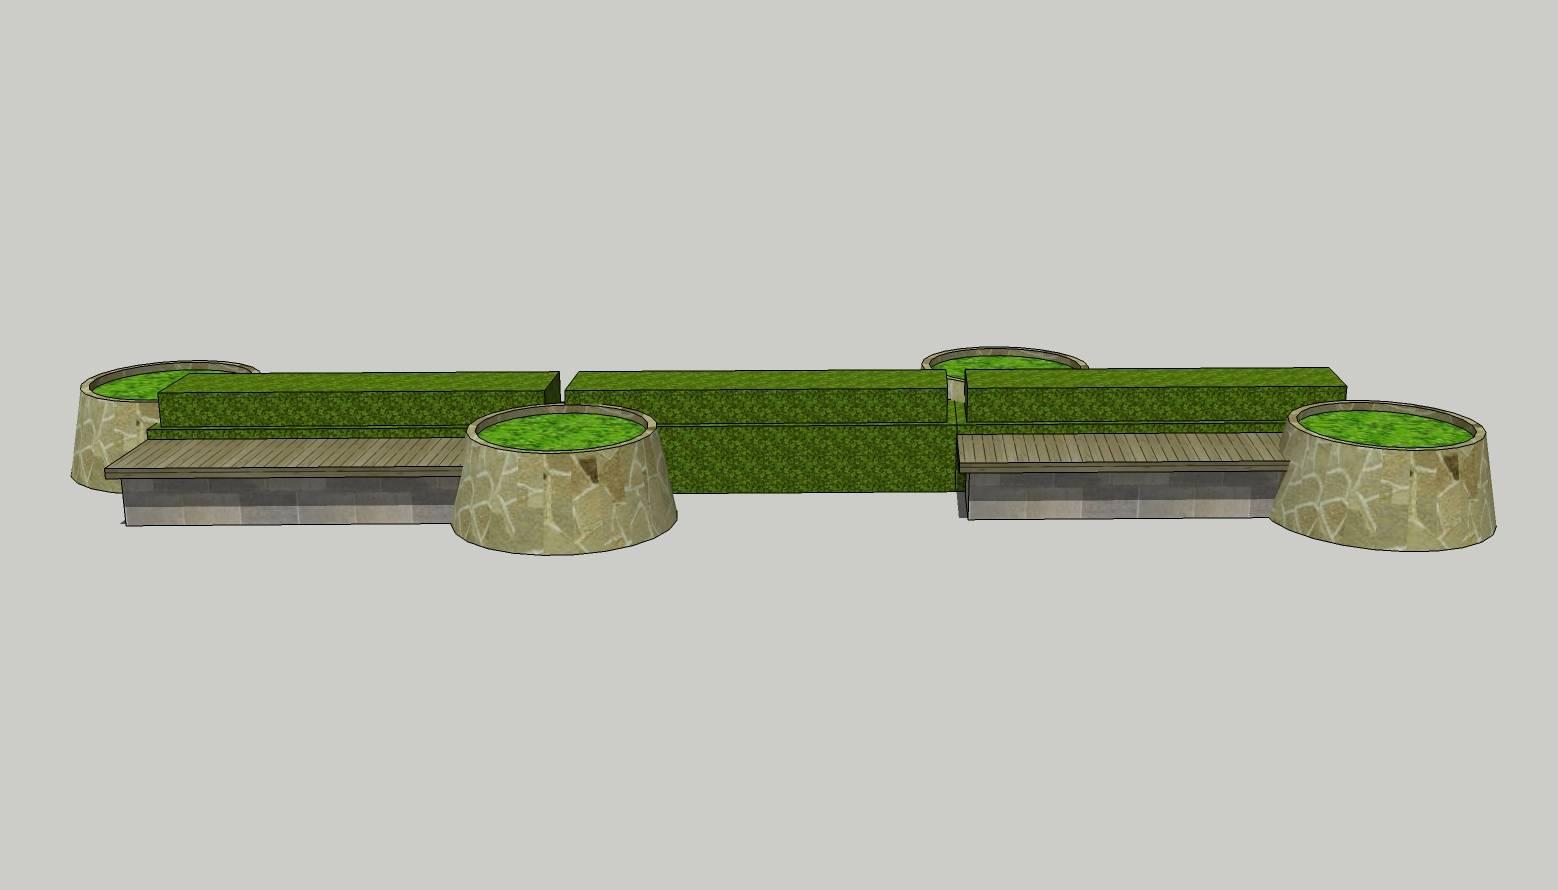 异形树池  麻石  创意树池  欧式树池  花坛  木质长椅